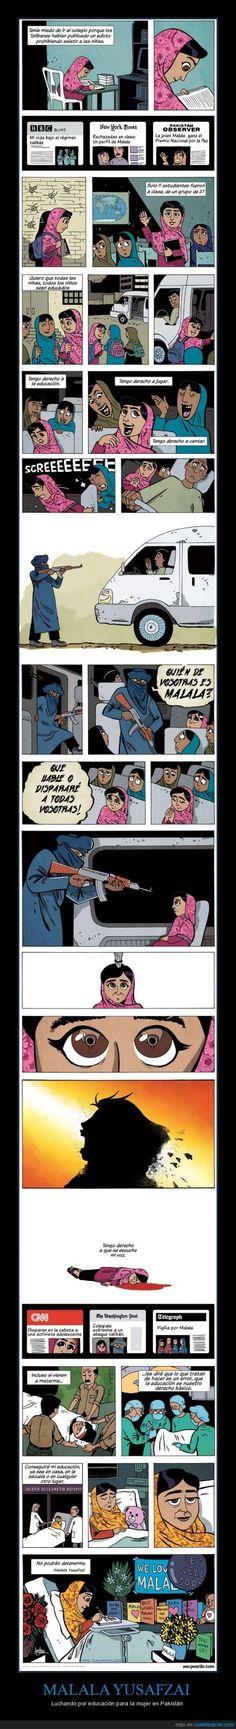 MALALA YUSAFZAI - Luchando por educación para la mujer en Pakistán